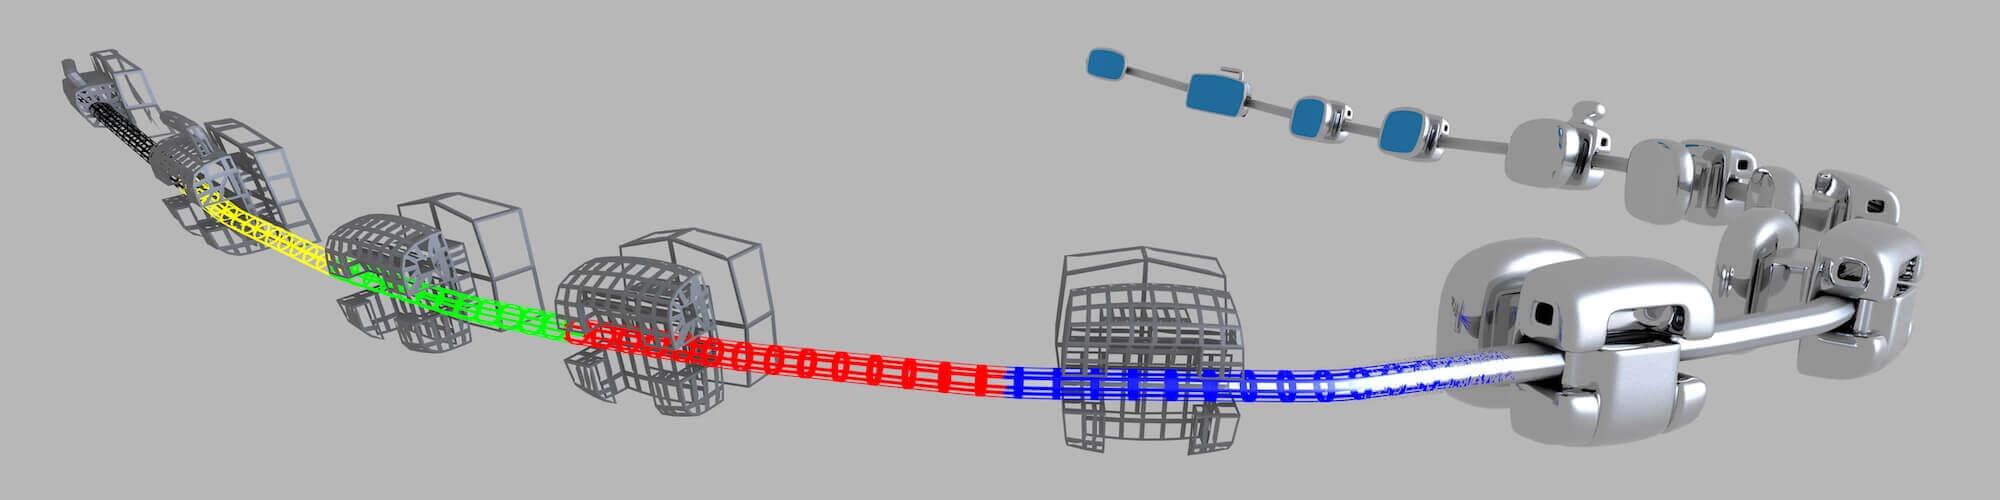 Der urheberrechtlich geschützte SmartArch-Bogendraht von Smarter Alloys kann mit Lasern auf unterschiedliche Stärken programmiert werden. Mit freundlicher Genehmigung von Smarter Alloys.